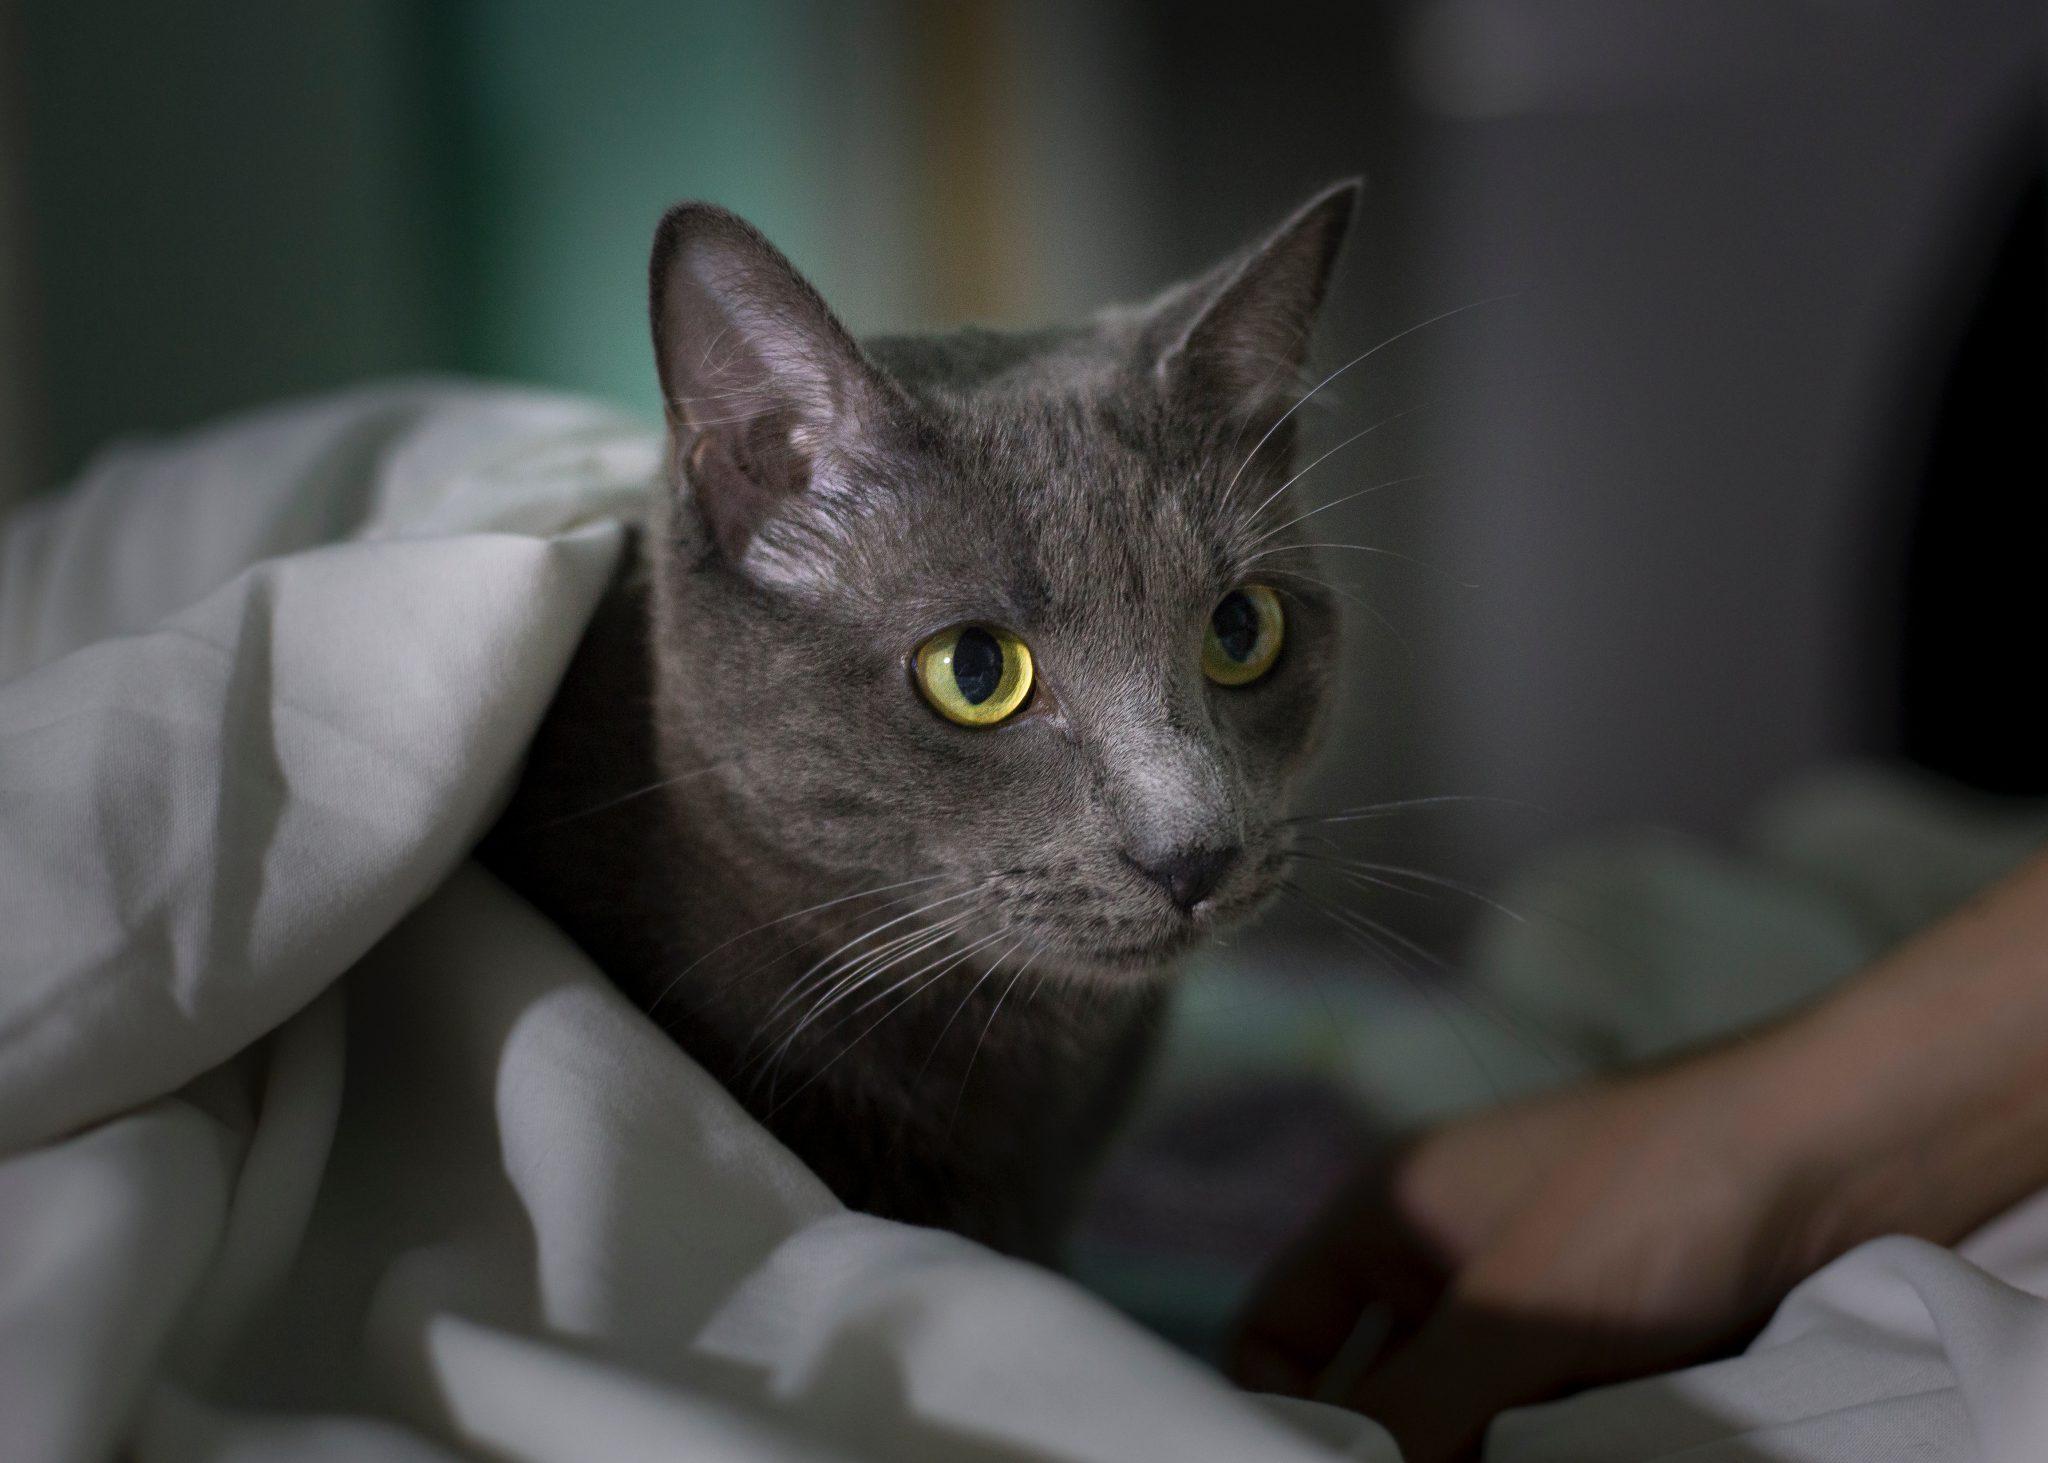 집사 깨우는 고양이